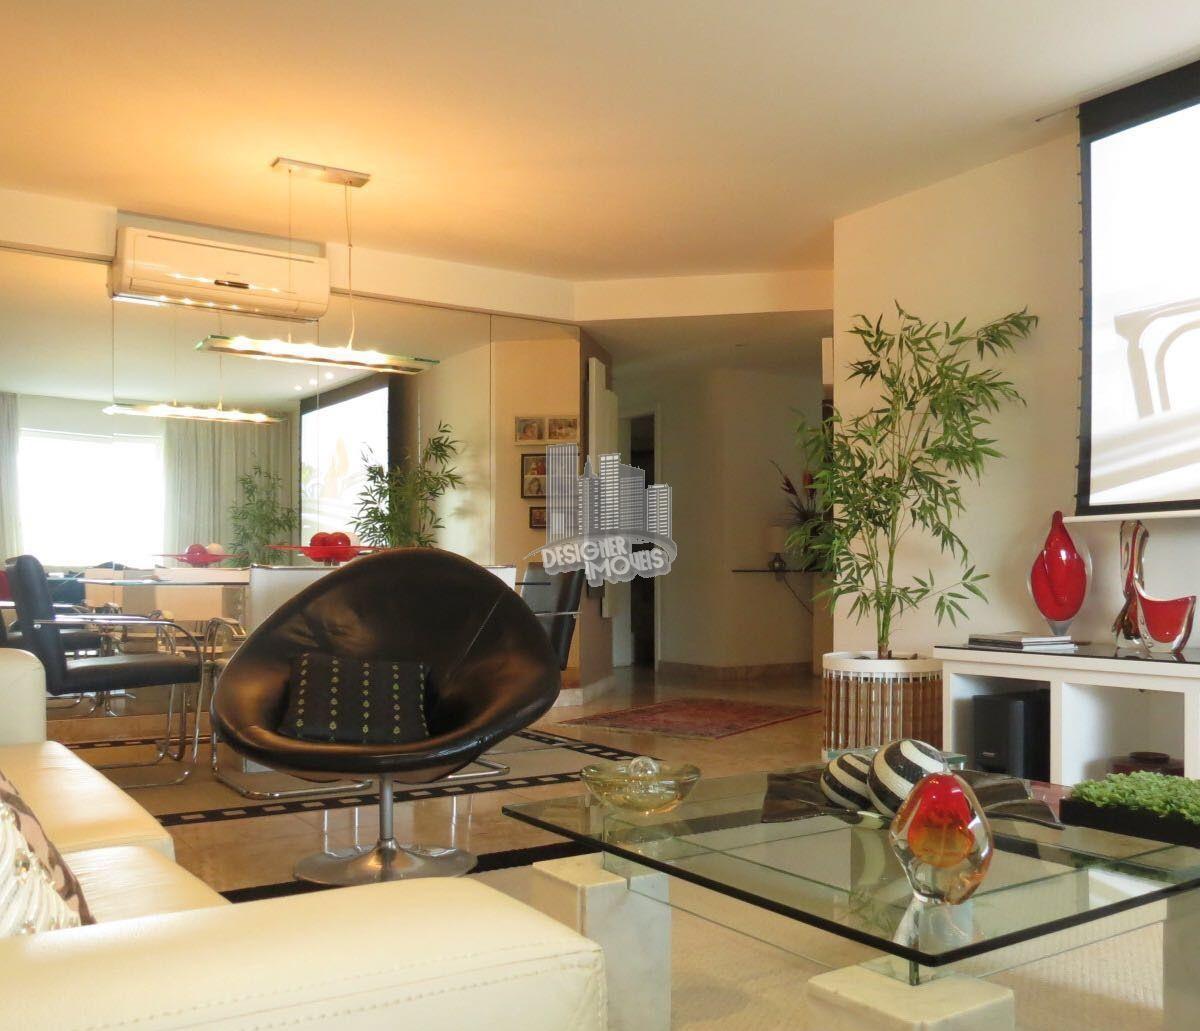 Apartamento Para Venda ou Aluguel no Condomínio Pedra de Itaúna - Rio de Janeiro - RJ - Barra da Tijuca - LRA4007 - 5